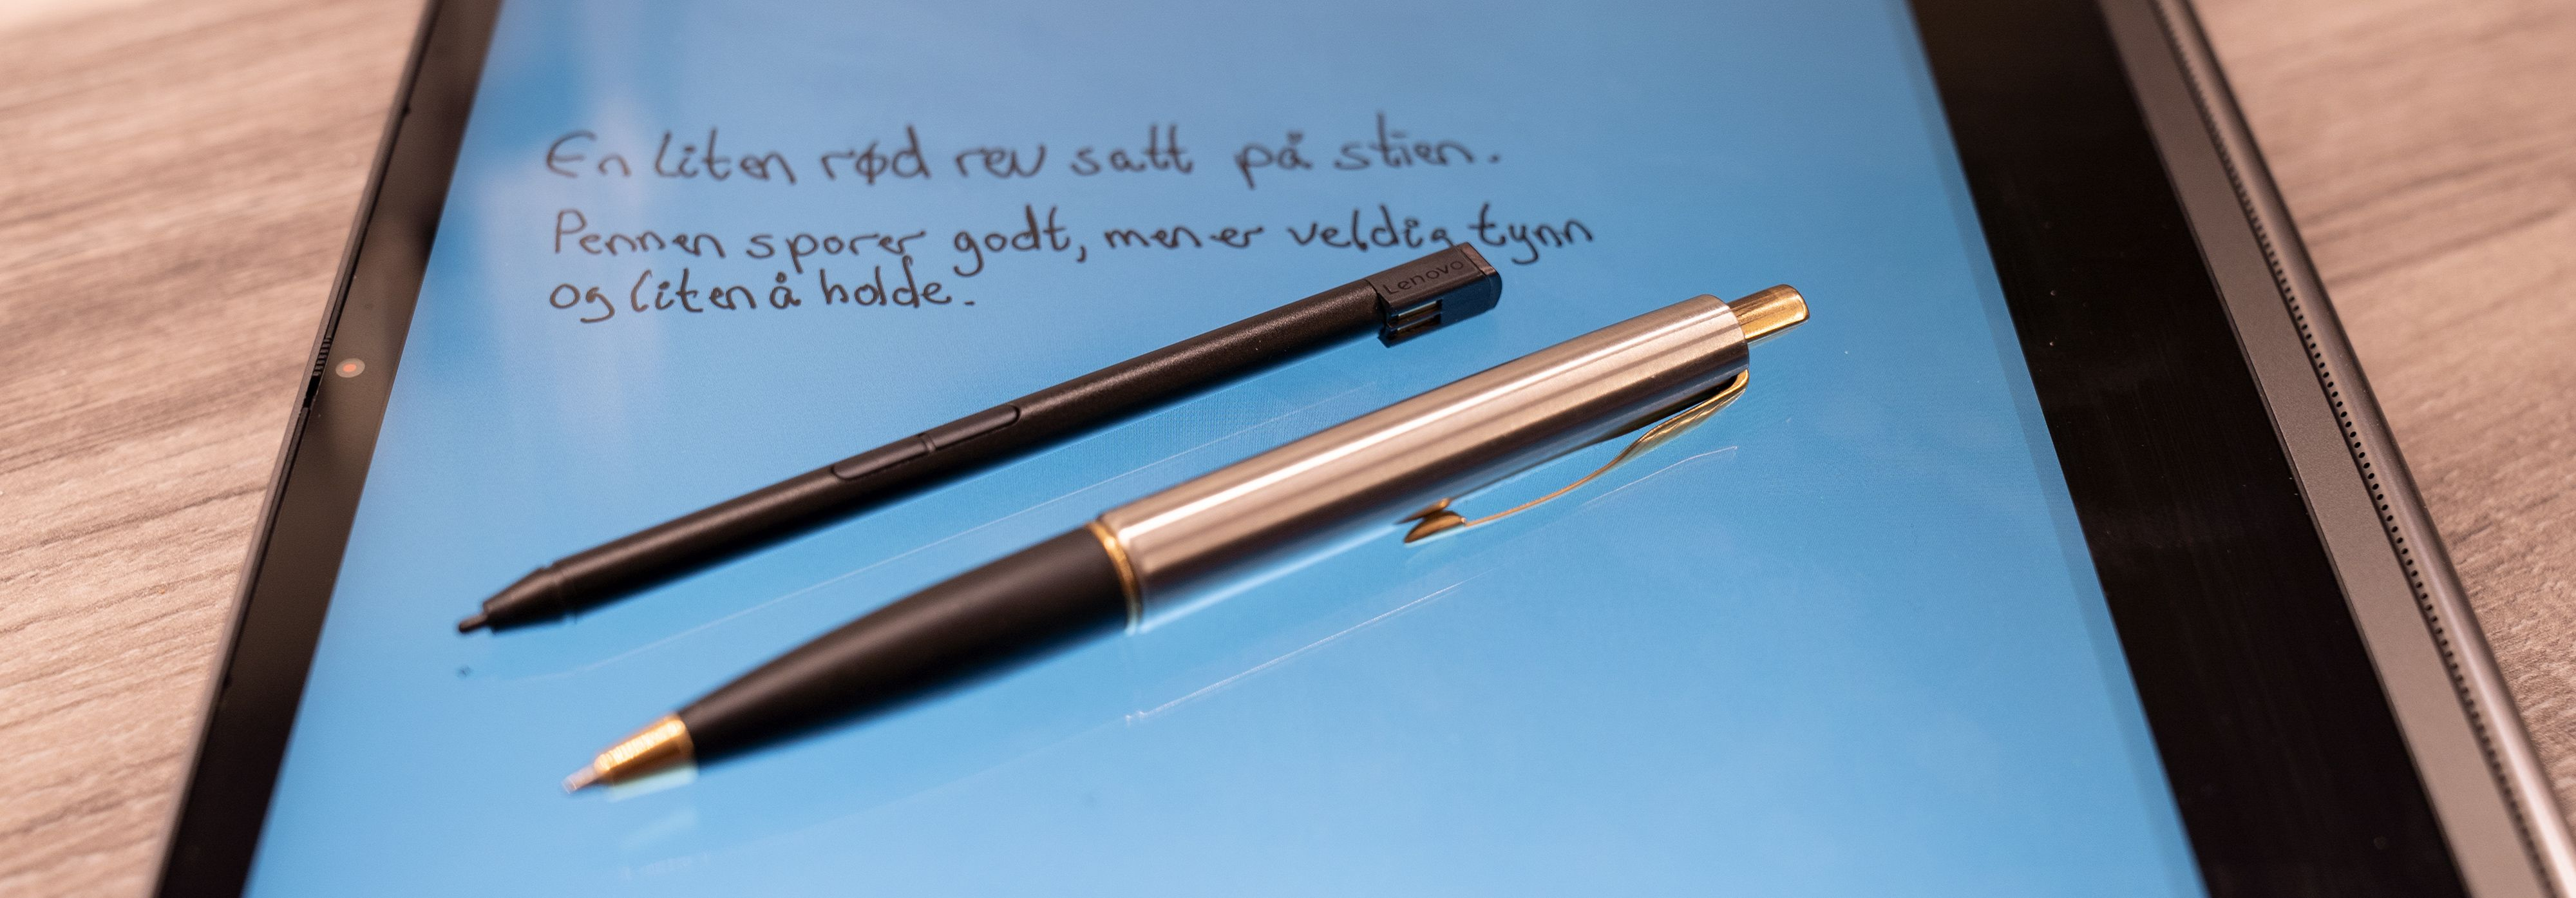 Sammenlignet med en vanlig penn blir Lenovos digitale penn veldig liten å holde i og skrivekrampa melder seg etter minutter.